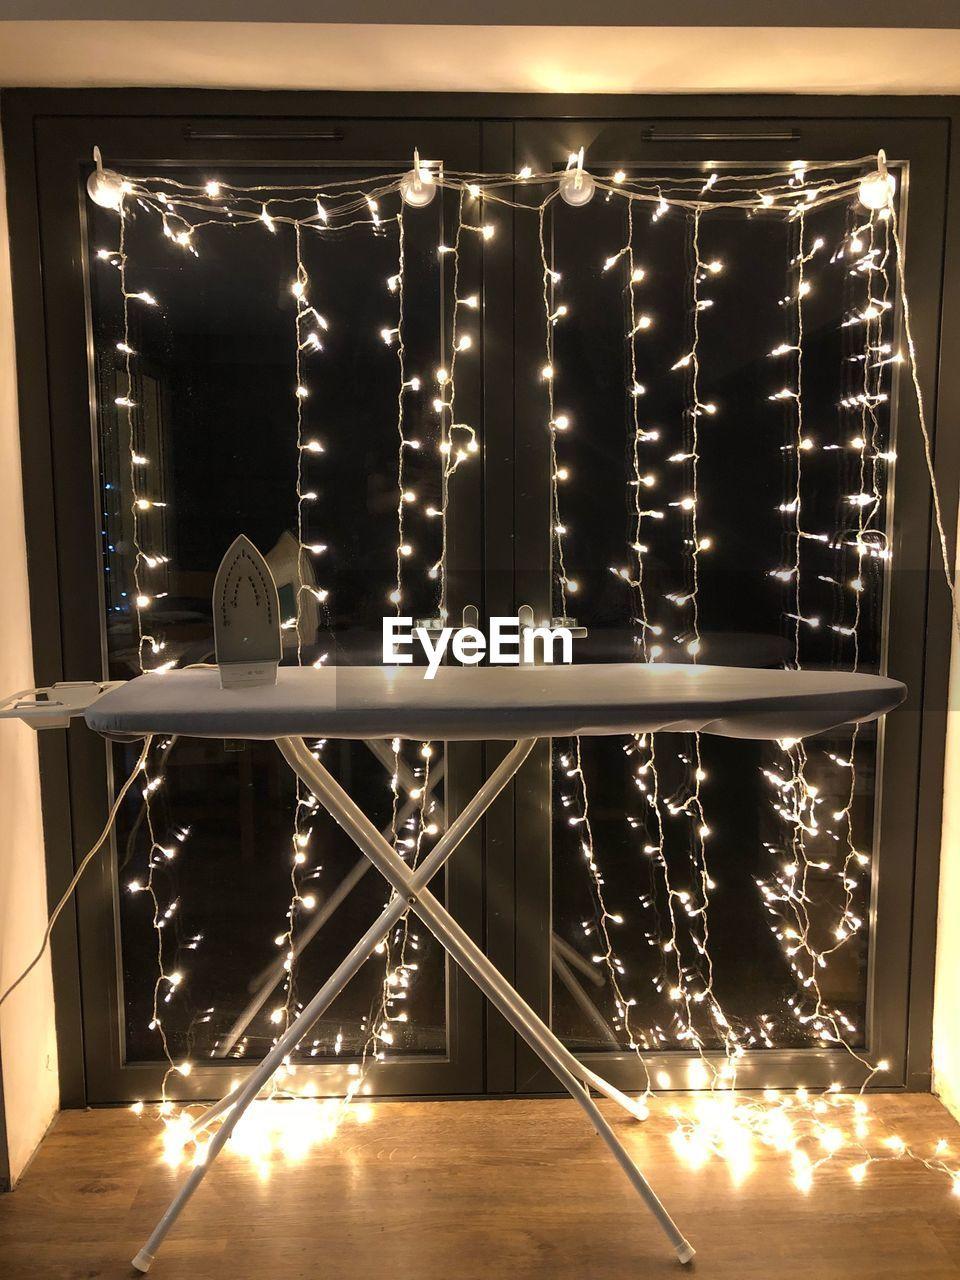 illuminated, indoors, no people, night, close-up